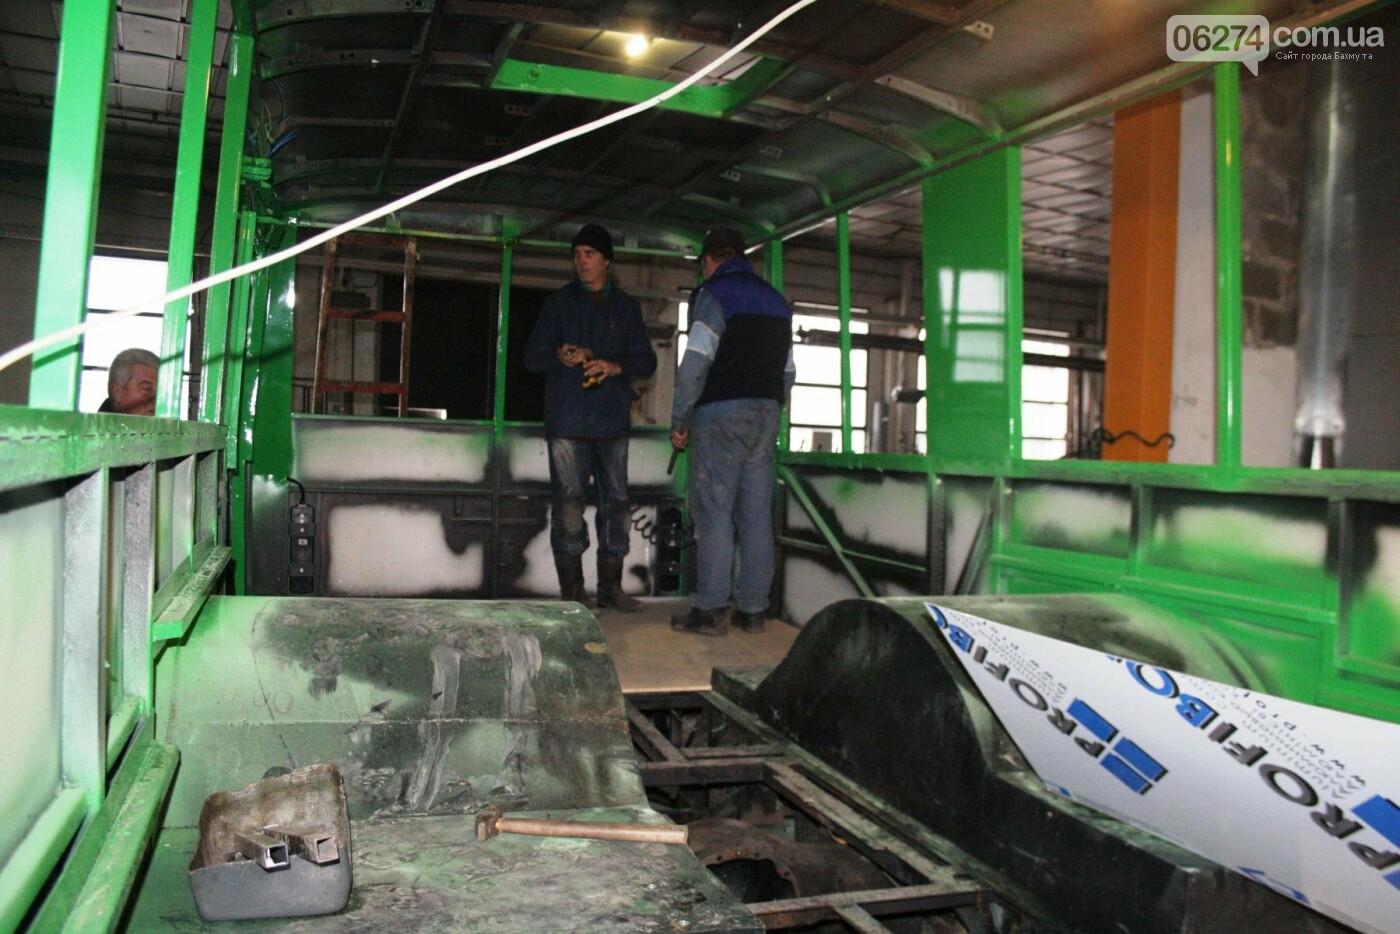 В Часовом Яре проходят работы по капитальному ремонту троллейбуса для Бахмута (ФОТО), фото-4